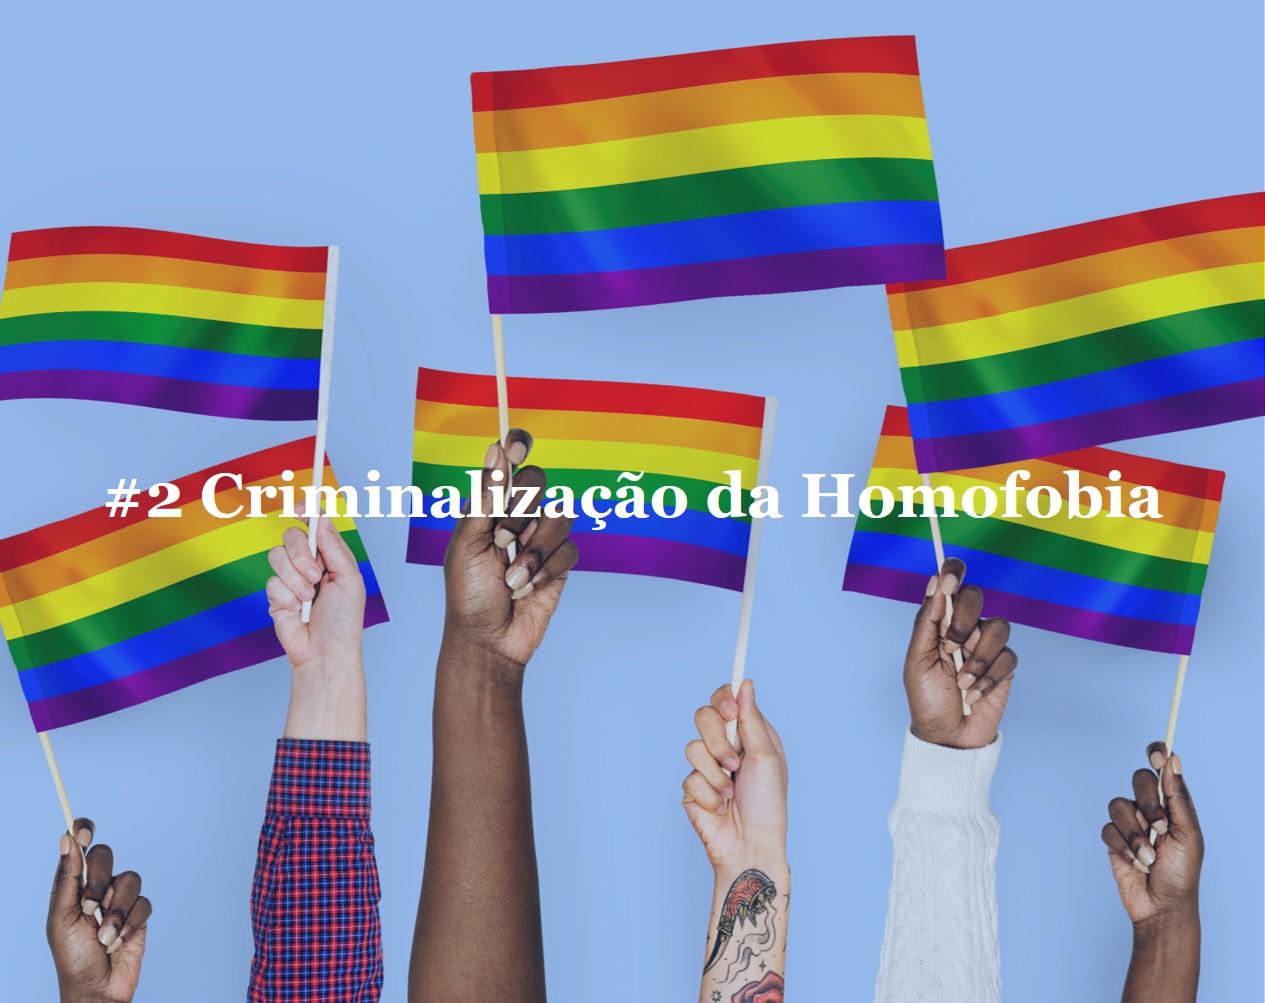 #2 Criminalização da Homofobia